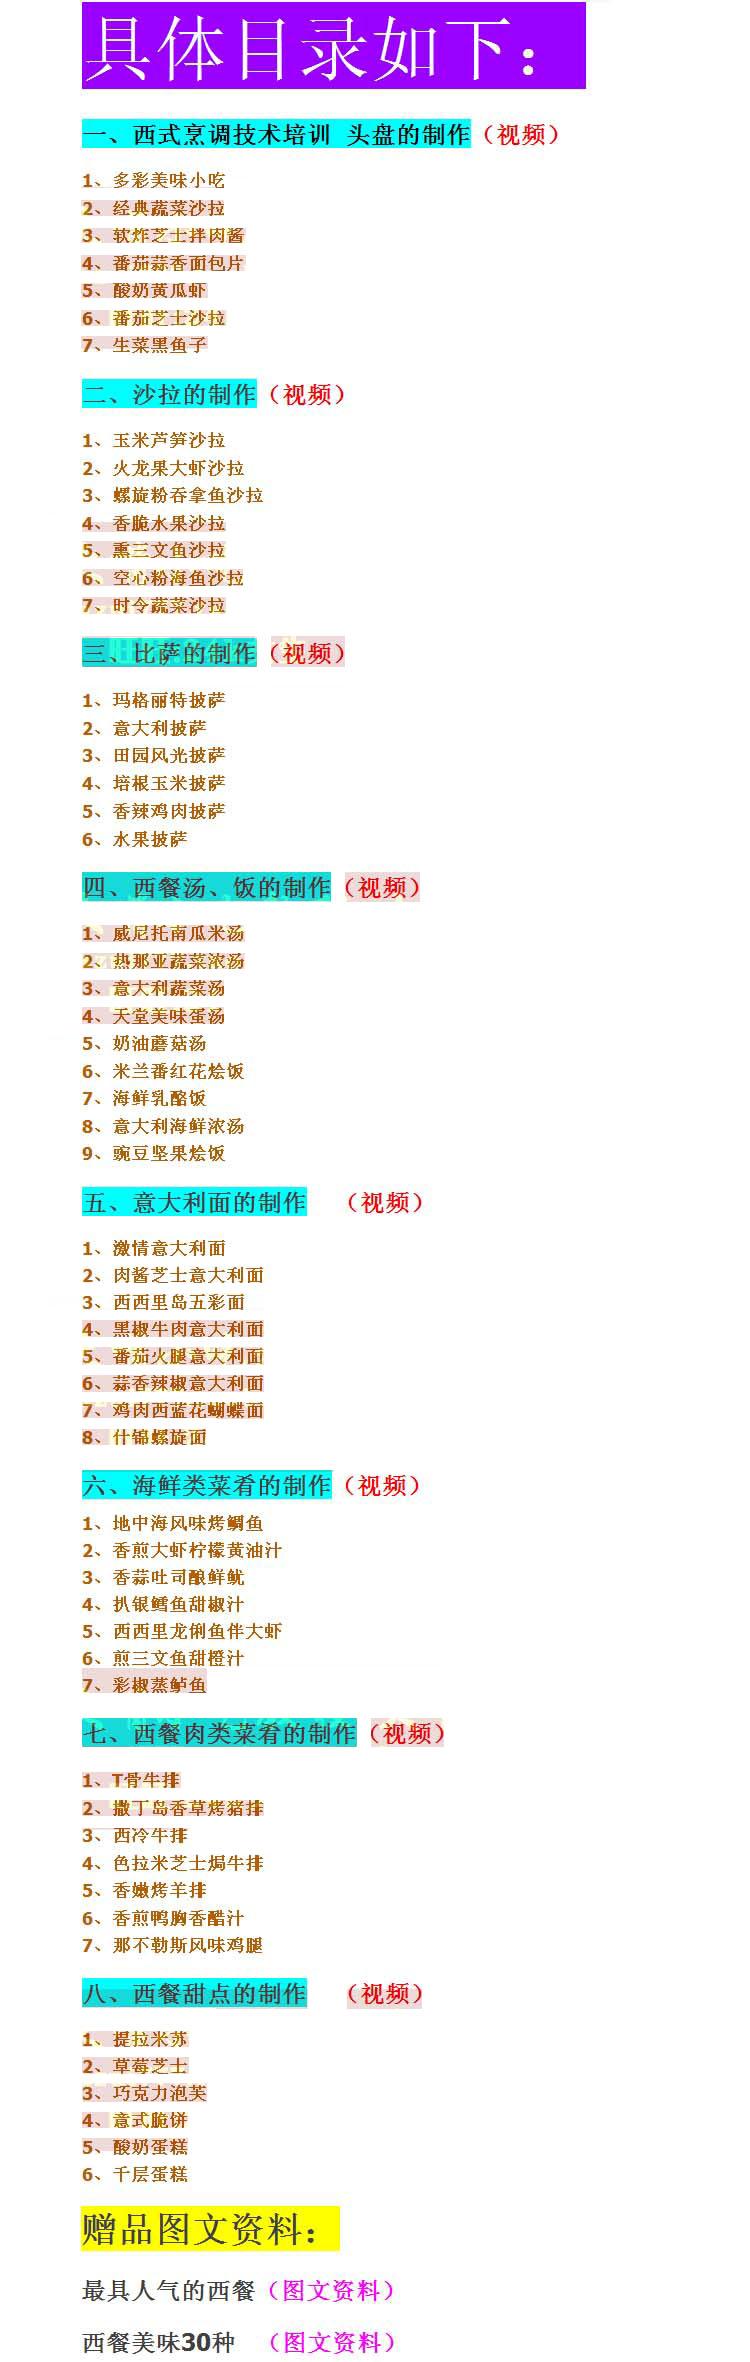 【VIP专享】西式西餐烹调技术资料制作配方/西餐菜肴做法大全